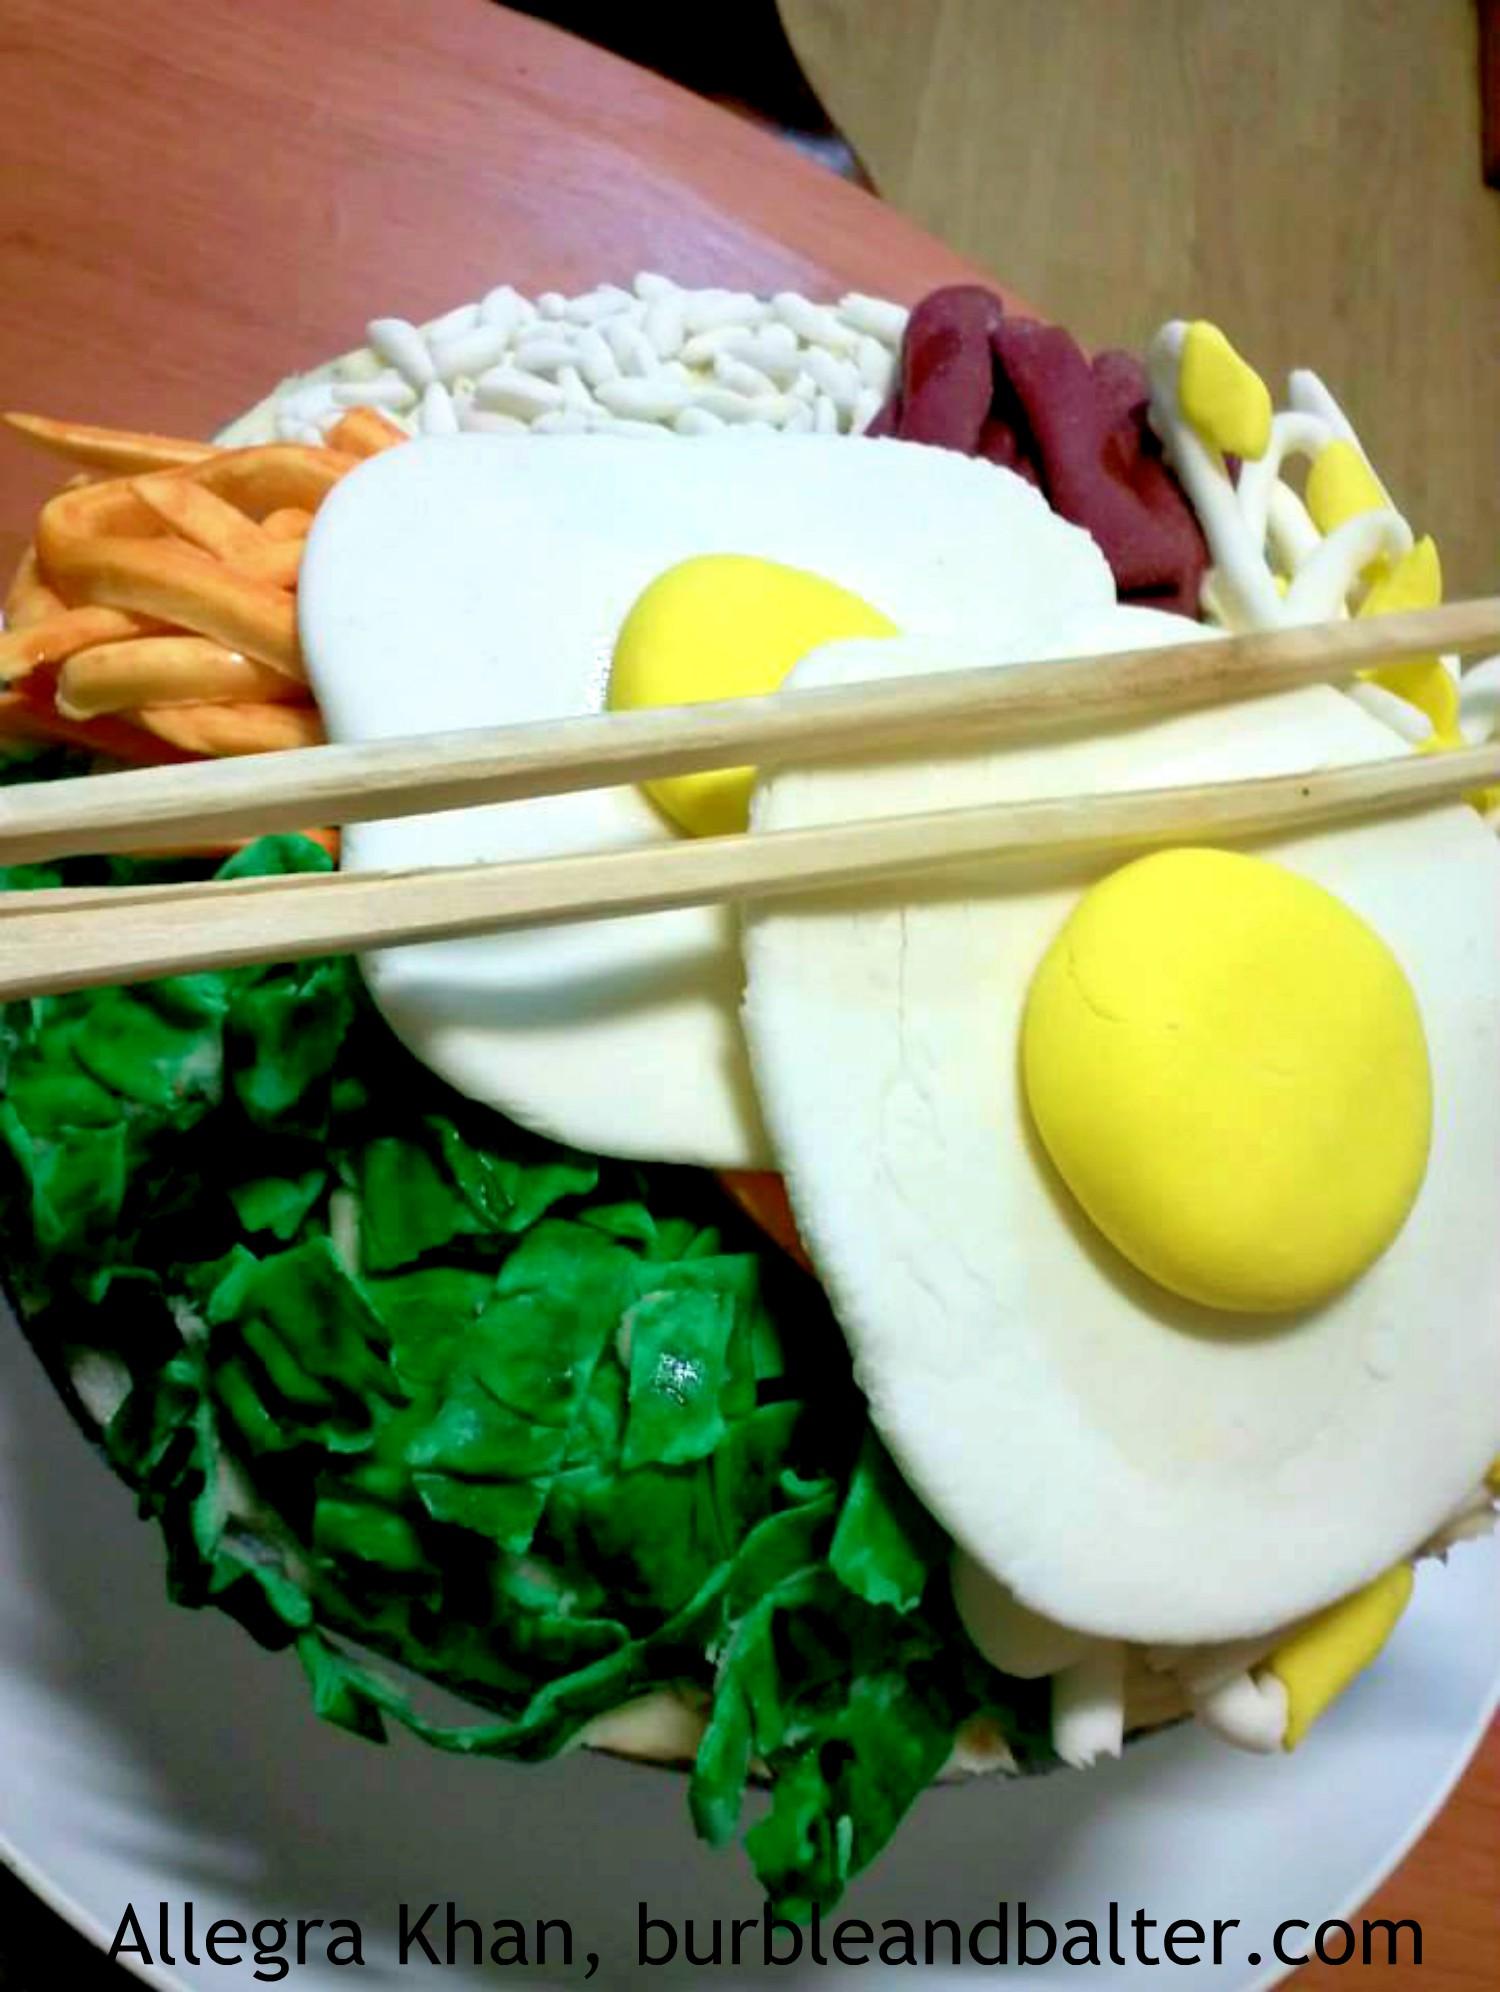 Bibimbap-Cake-1-Wins-and-Fails-Allegra-Khan-Burble-and-Balter.jpg